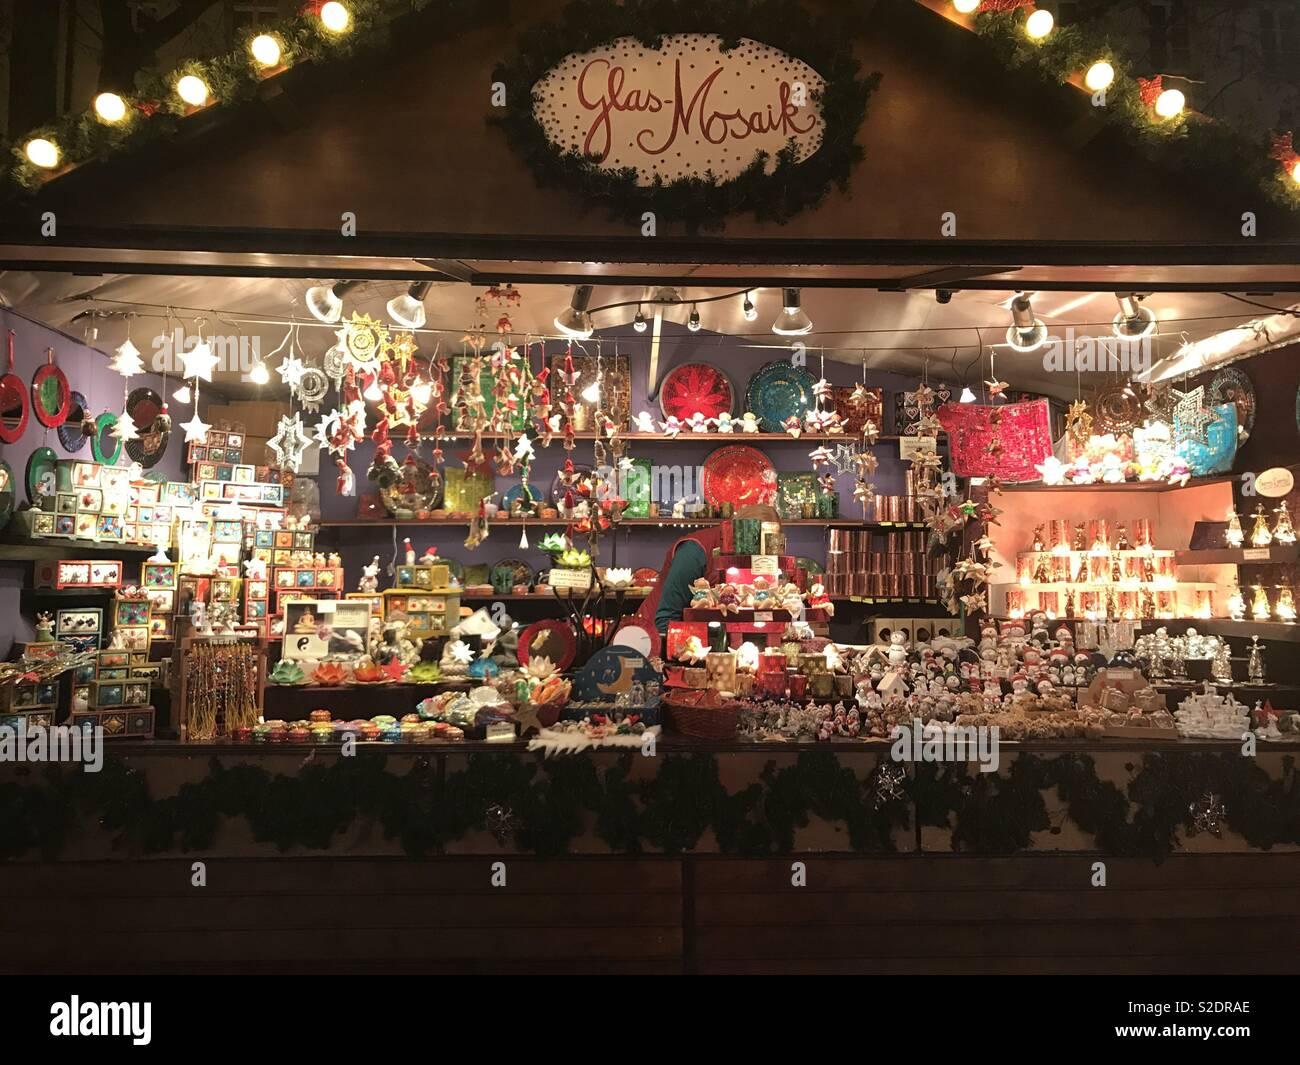 Weihnachtsmarkt Bonn.Weihnachtsmarkt Bonn Deutschland Stockfoto Bild 311319638 Alamy